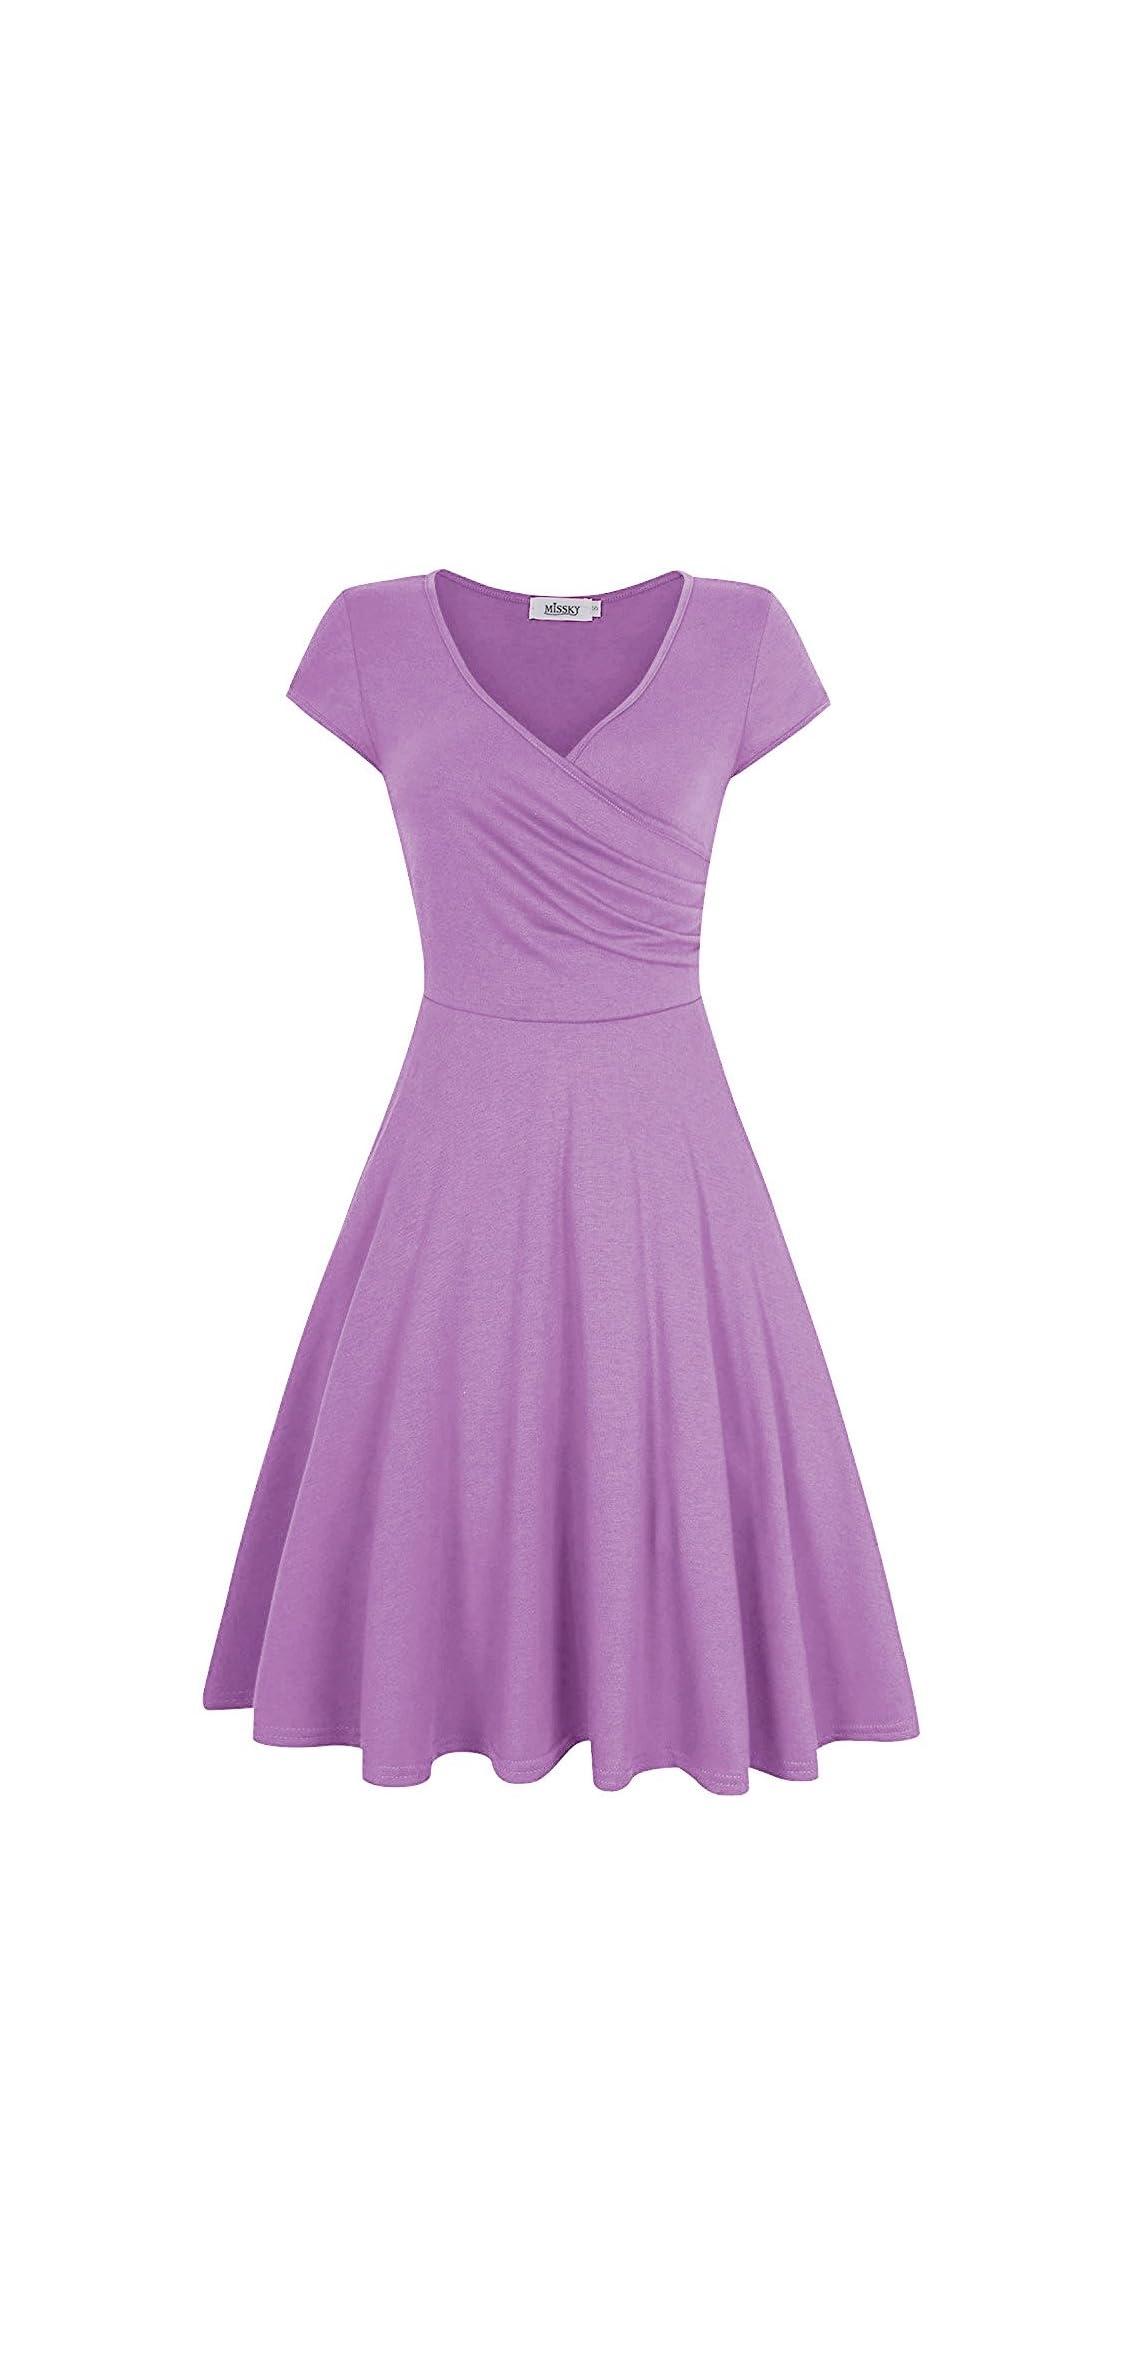 Women V Neck Slim Knee Length Swing Elegant Casual Dress